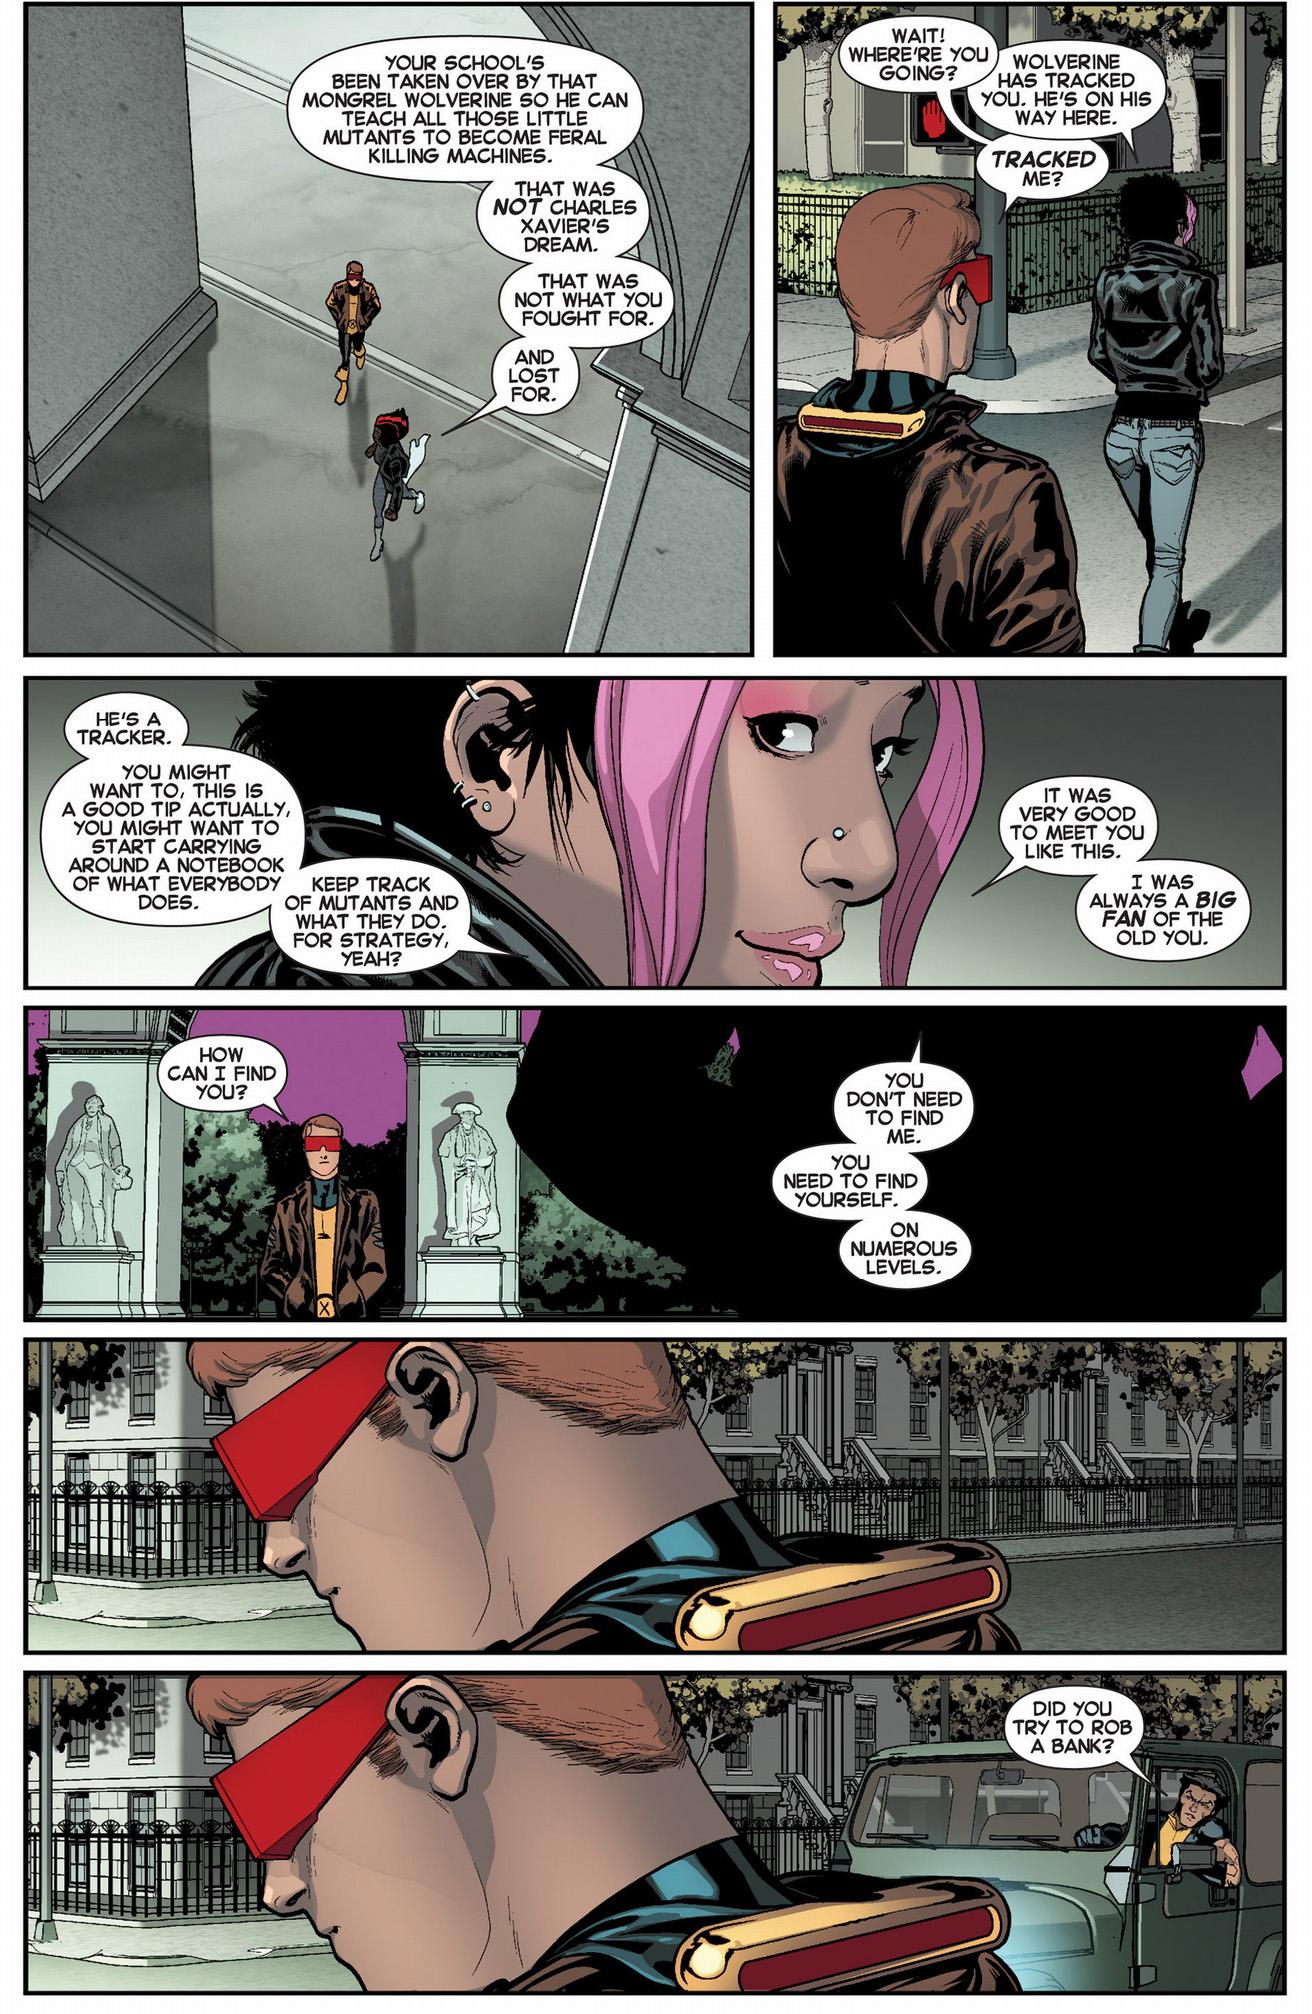 original 5 cyclops meets mystique